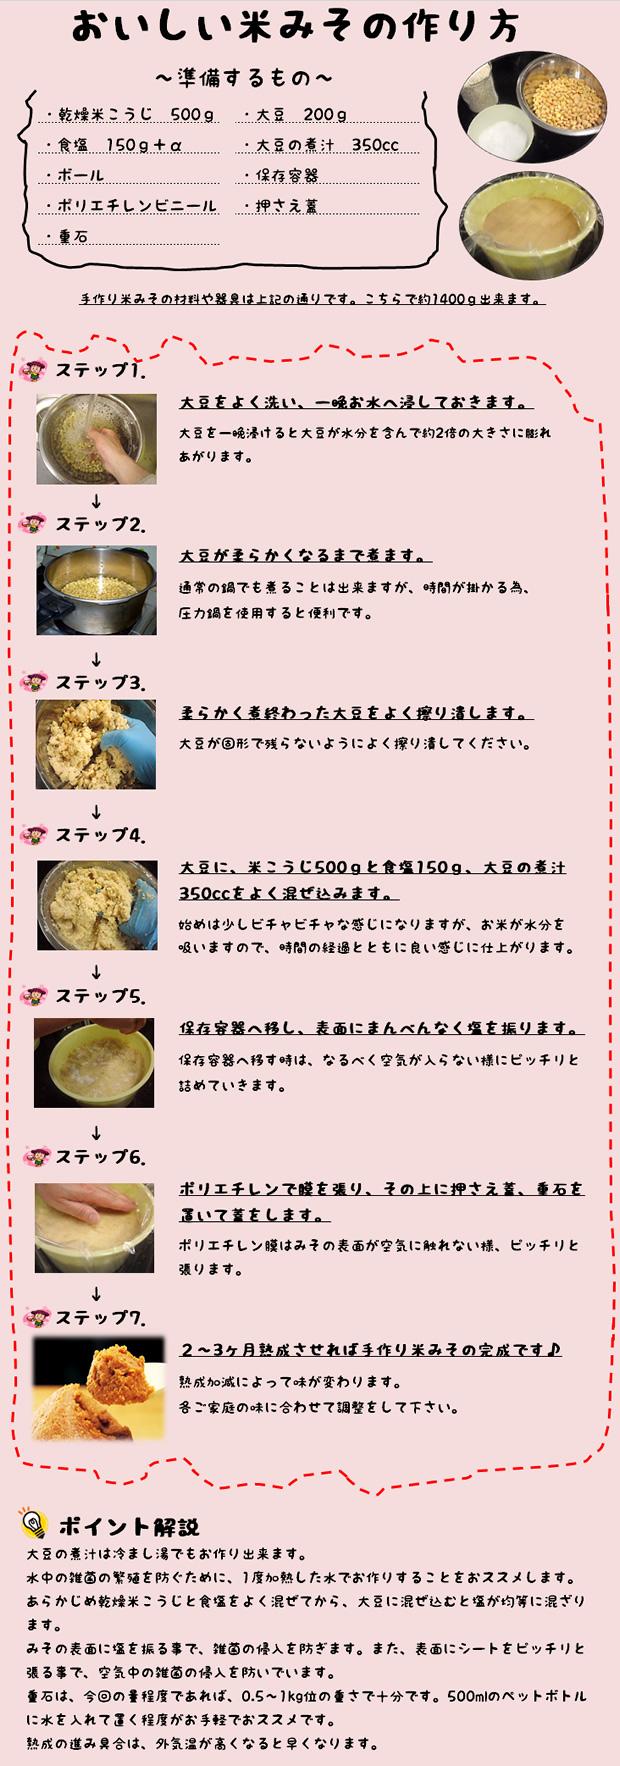 img_kouji_case02